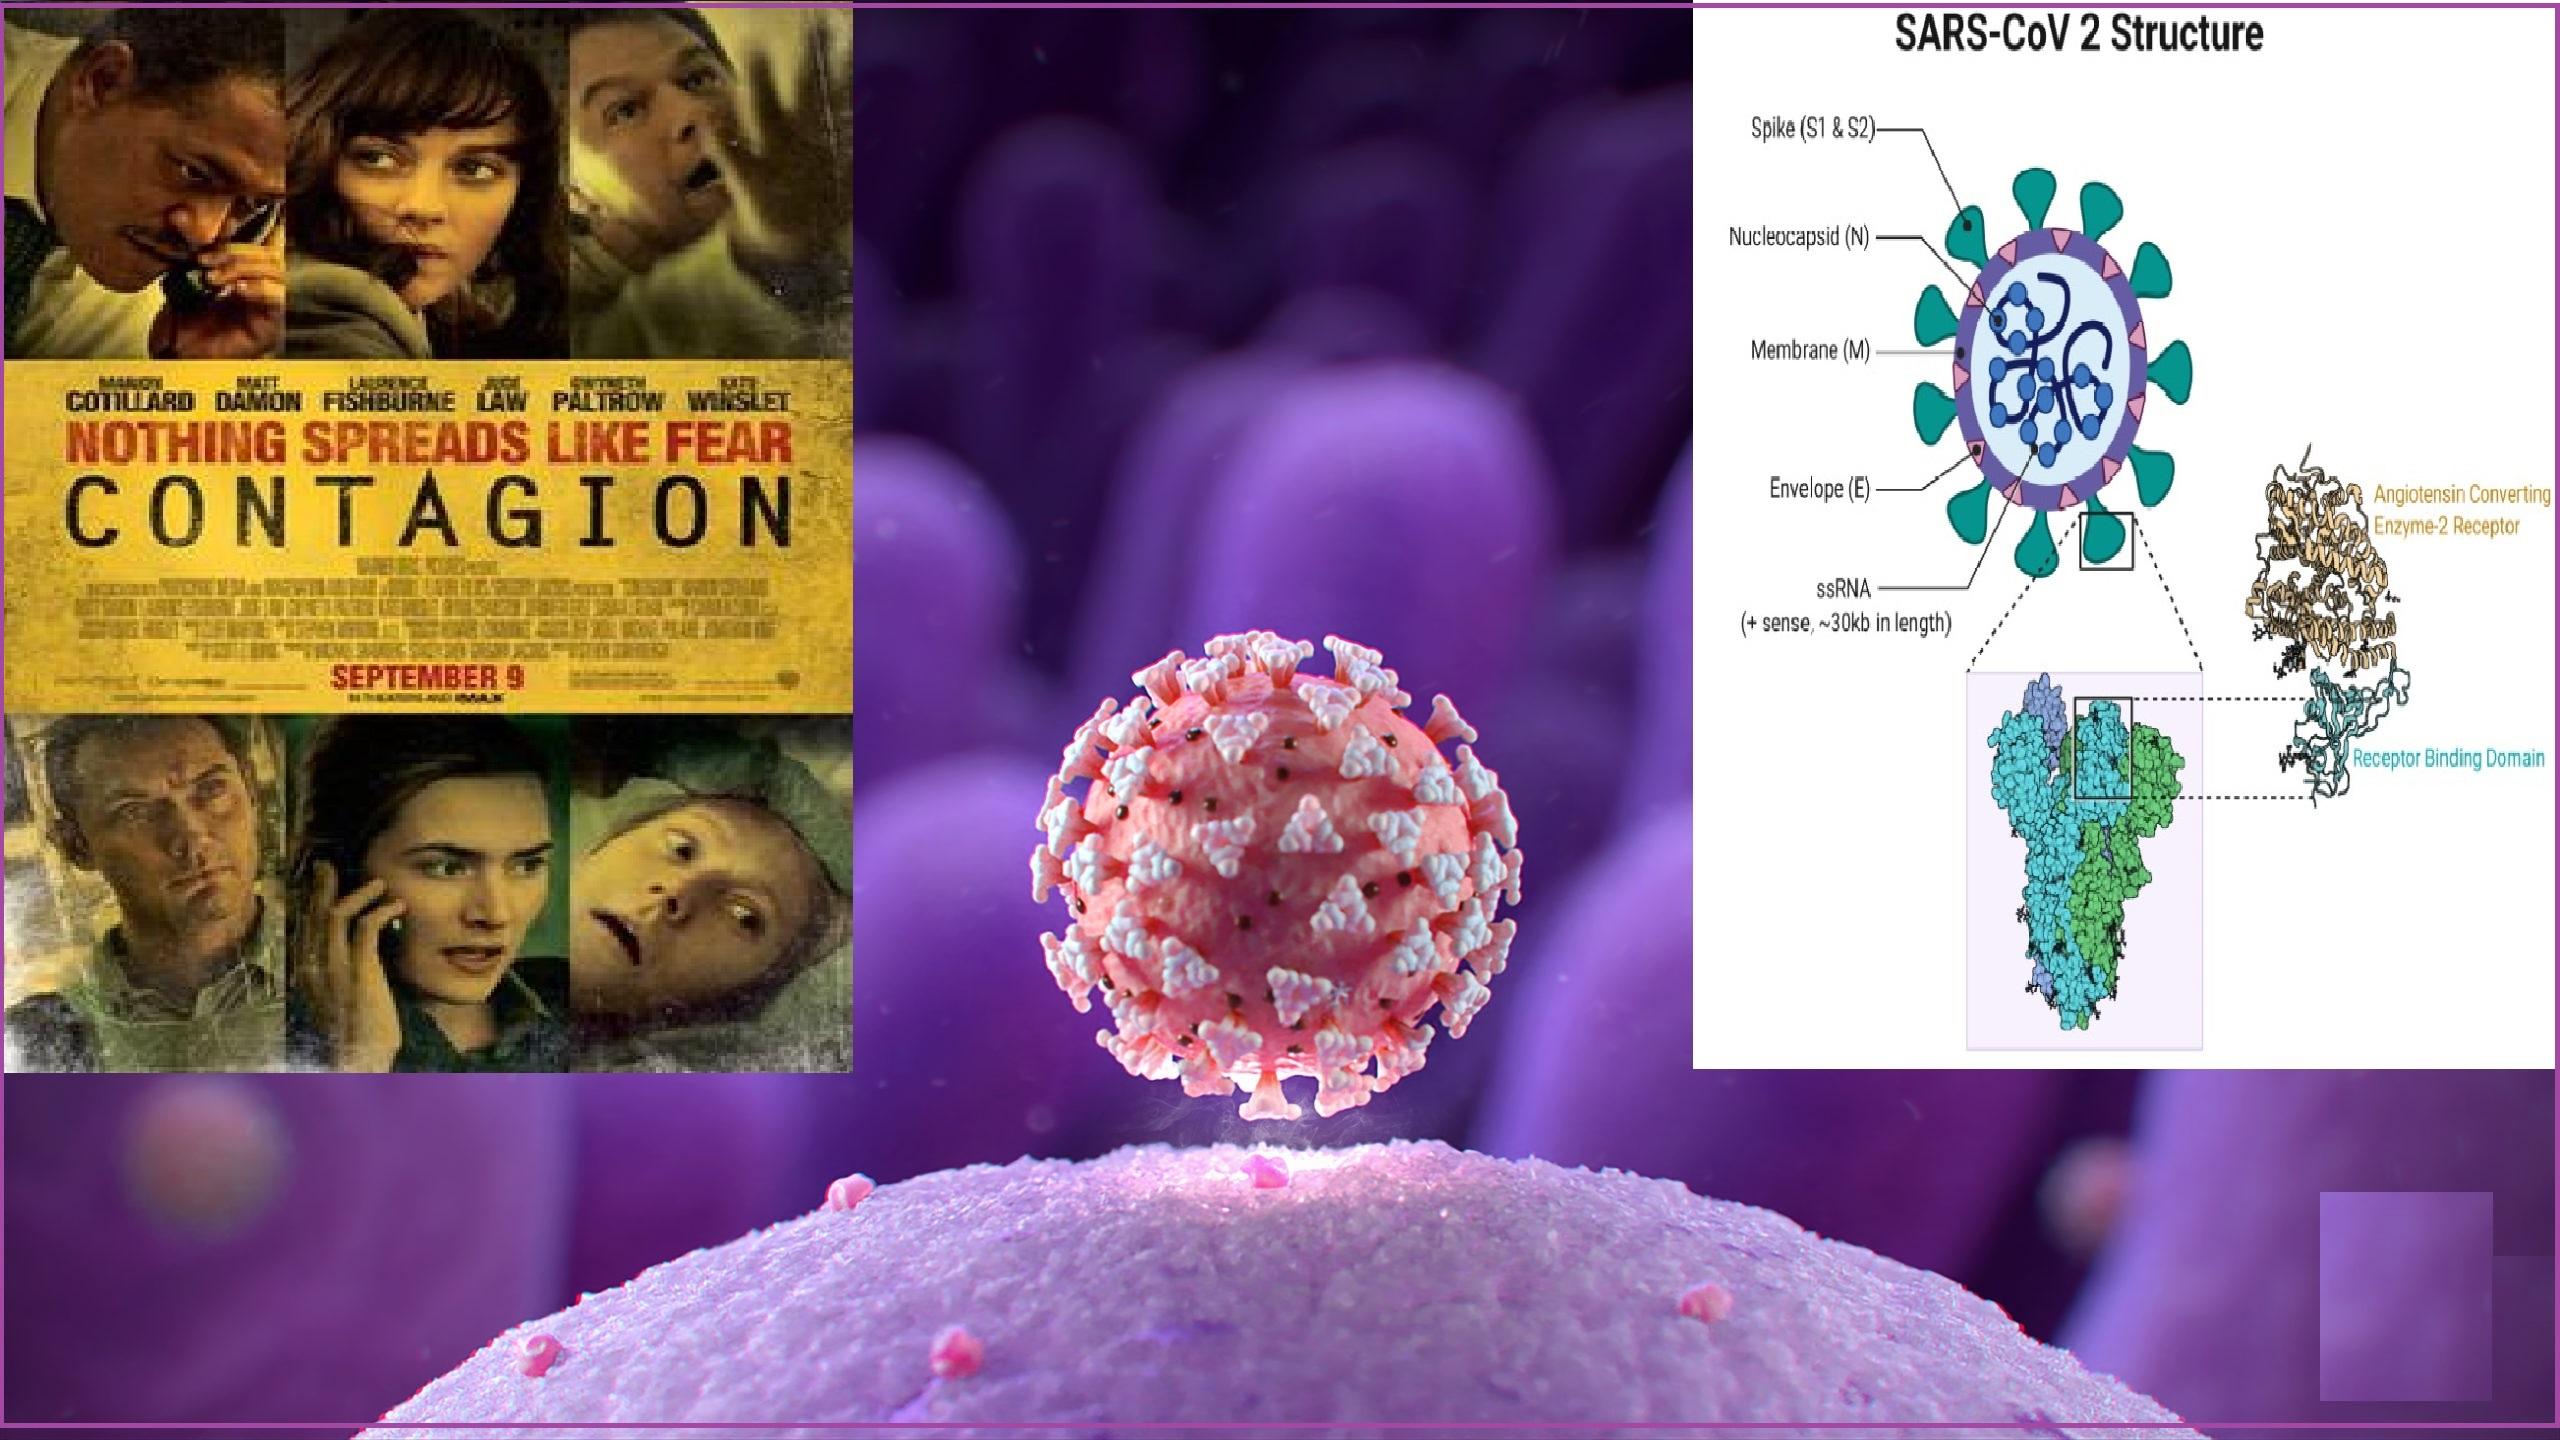 Read more about the article SARS COV 2 (ಸಾರ್ಸ್ ಕೋವ್ 2) ವೈರಸ್ ಗಳ ಬದುಕಿನ ಬಂಡಿ: ಇತಿಹಾಸದೊಂದಿಗೆ ಬೆರೆತ ಕಥೆ